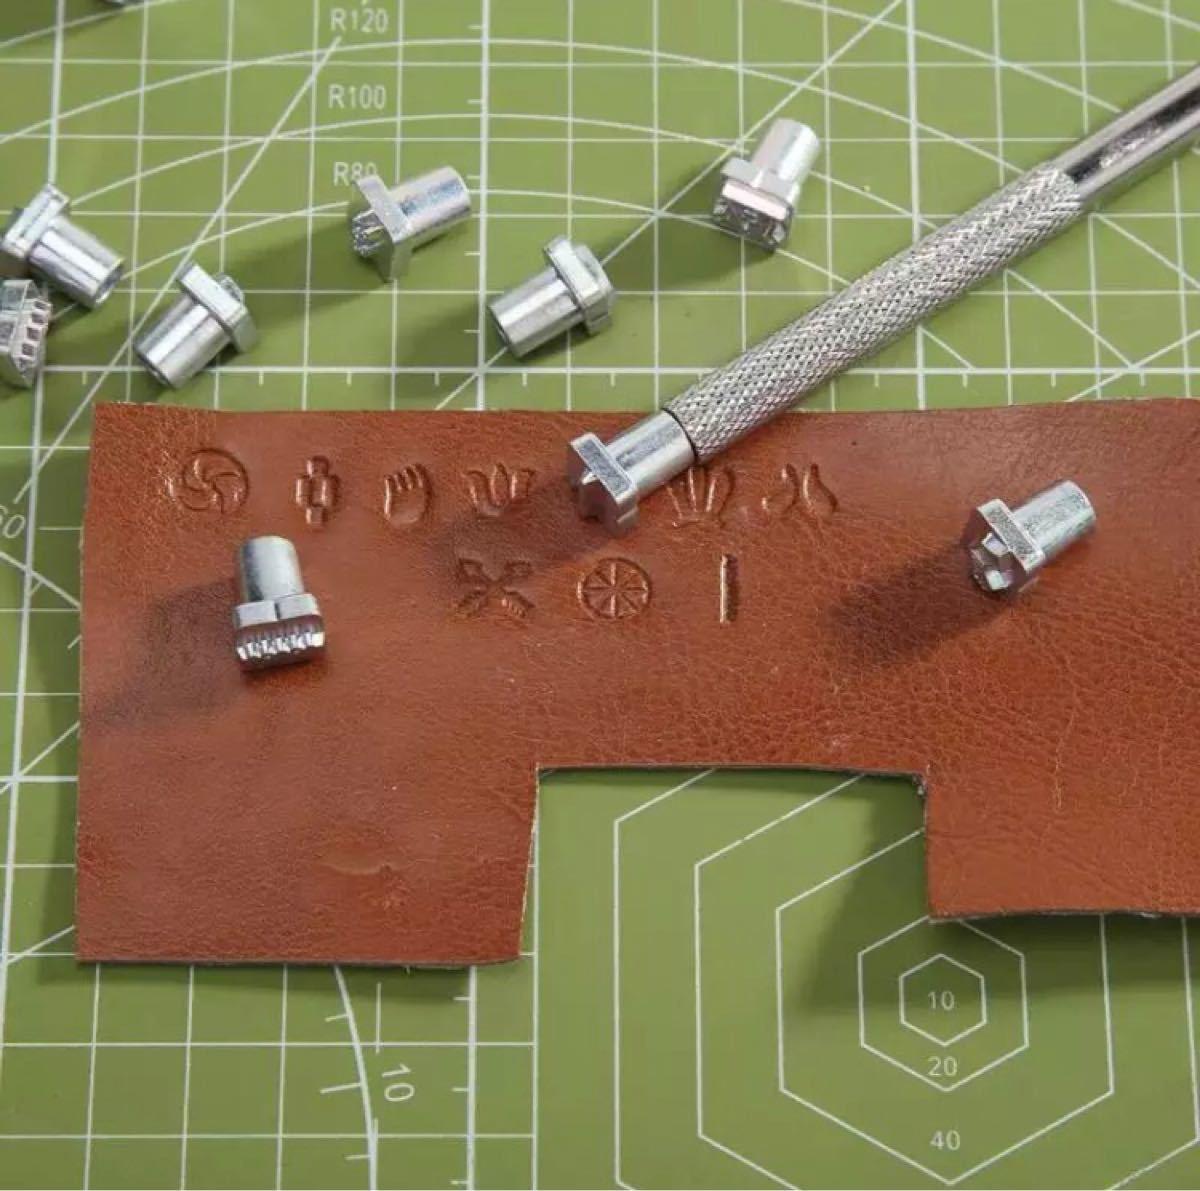 レザークラフト 43個セット 刻印 メタルスタンプ 革細工 新品未使用品